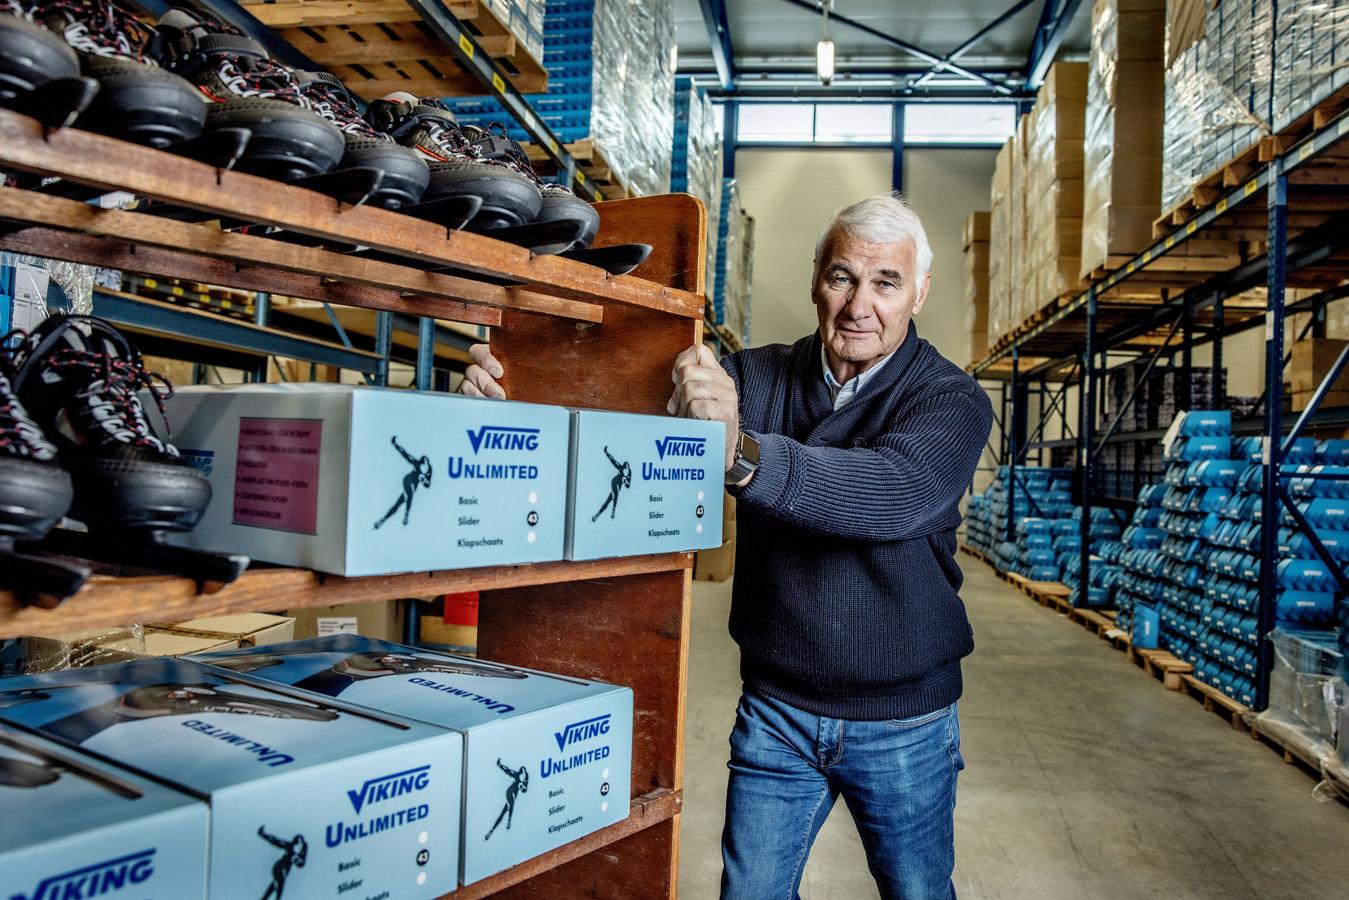 Jaap Havekotte, eigenaar van schaatsfabriek Viking profiteert momenteel van topdrukte vanwege de sneeuw en vorst.